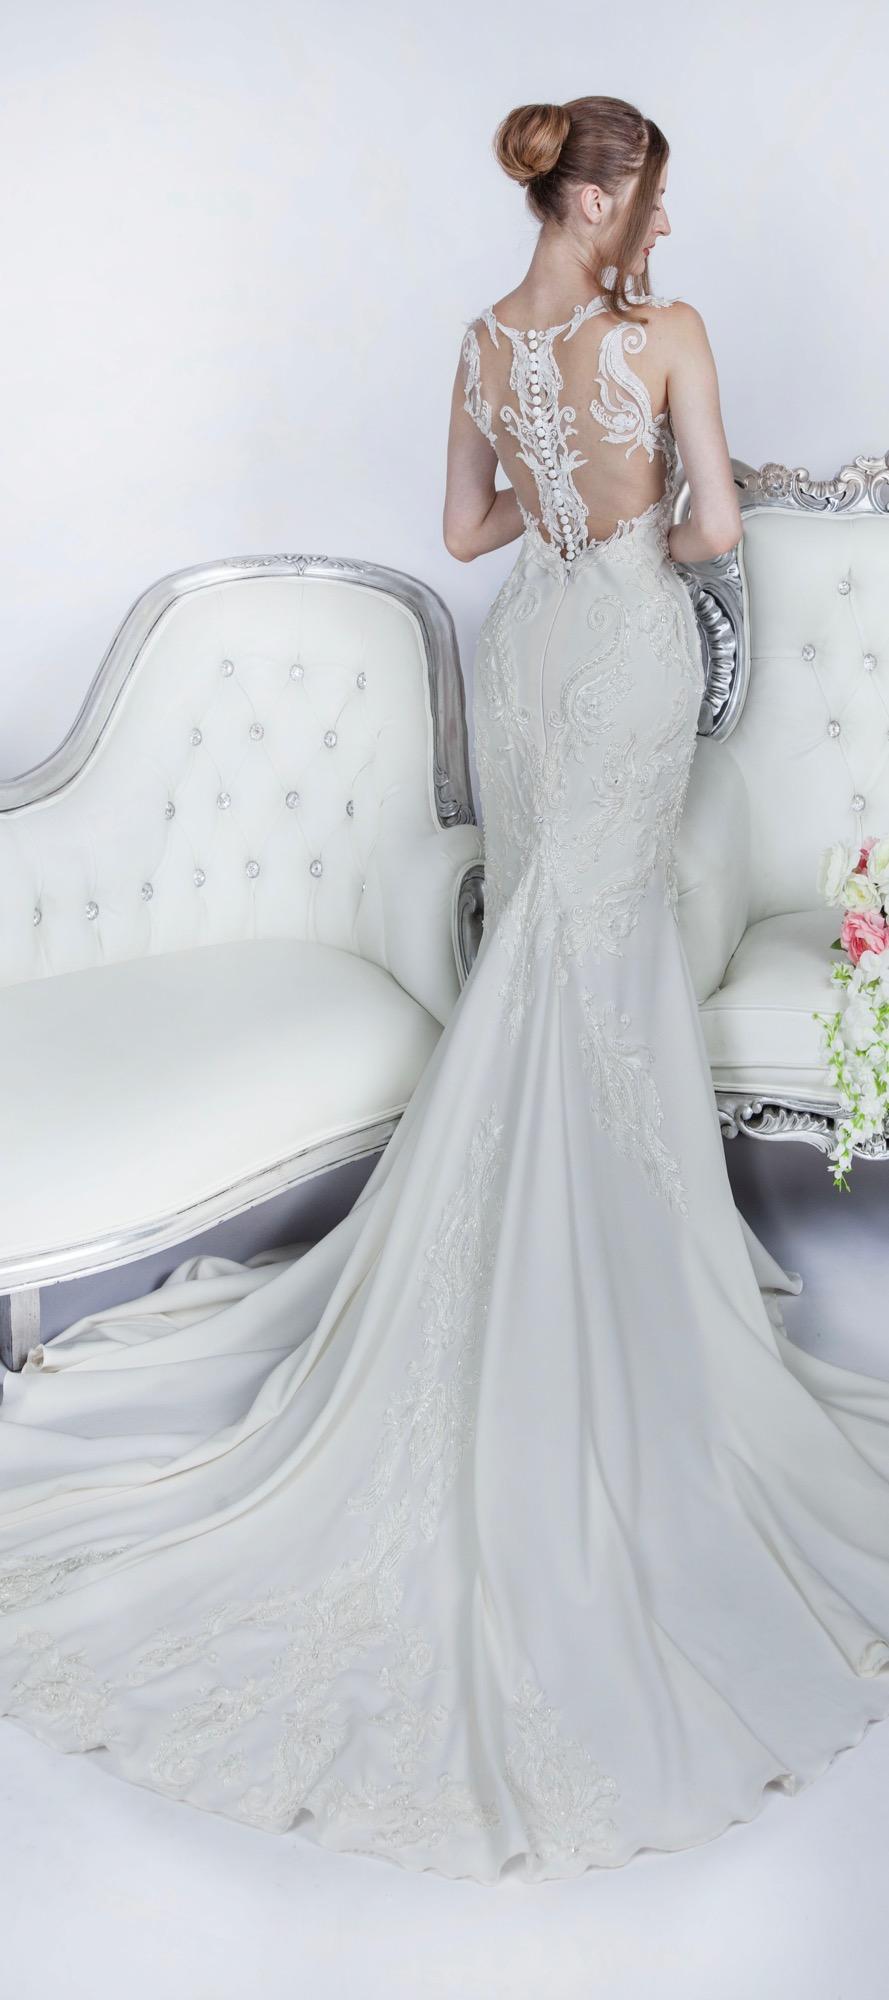 Robe de mariage pour votre jour inoubliable